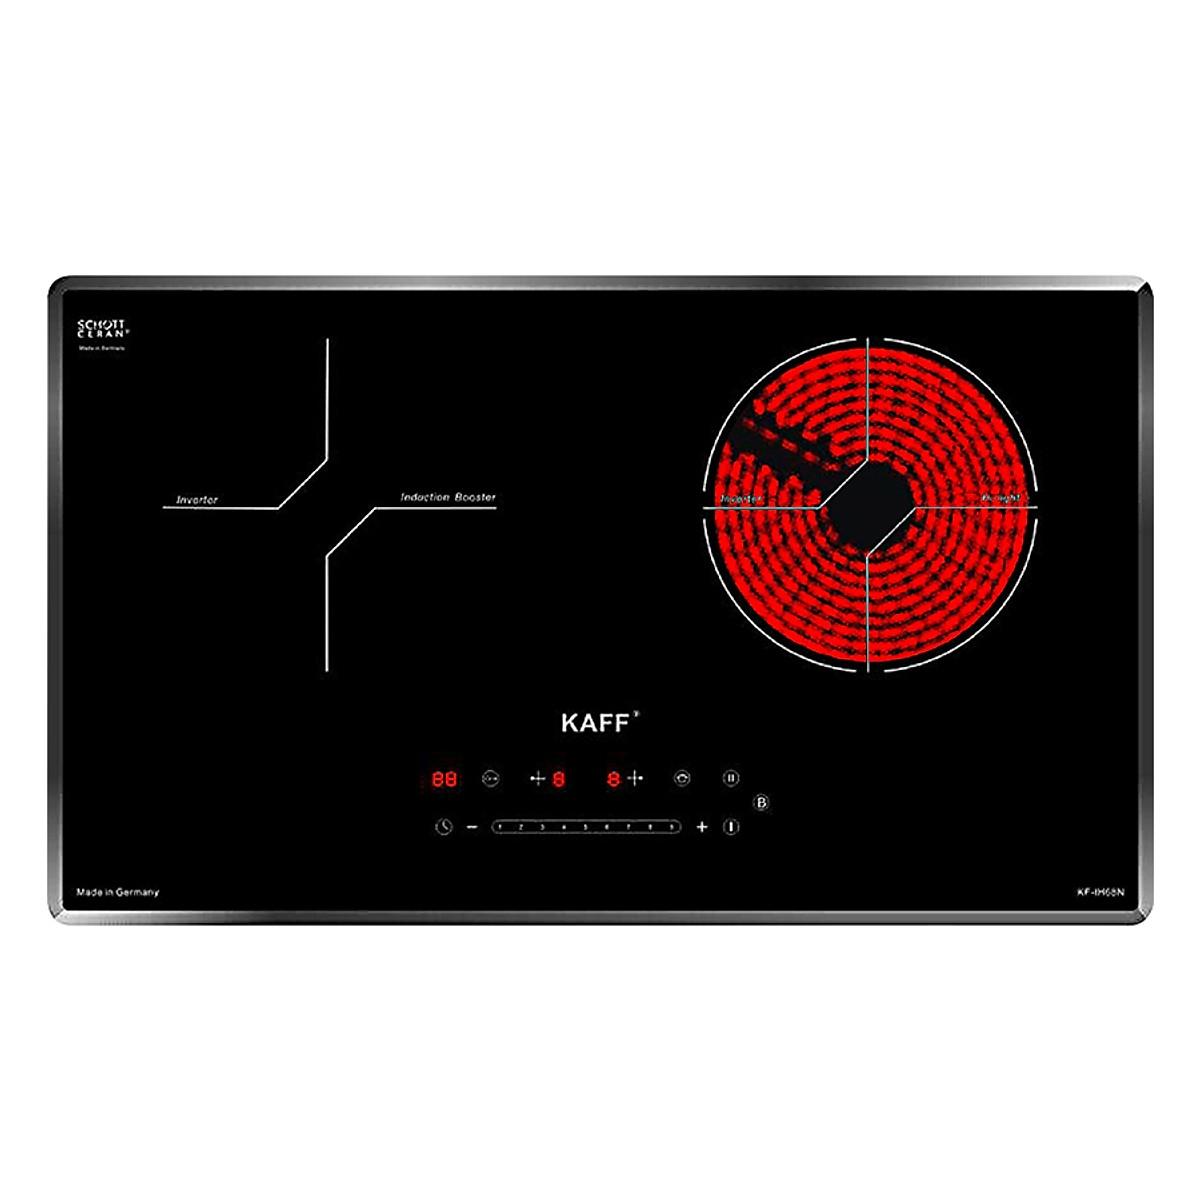 Combo Bếp điện từ kết hợp KAFF KF-IH68N + Đĩa chuyển nhiệt Tescoma Đức - Hàng Chính Hãng